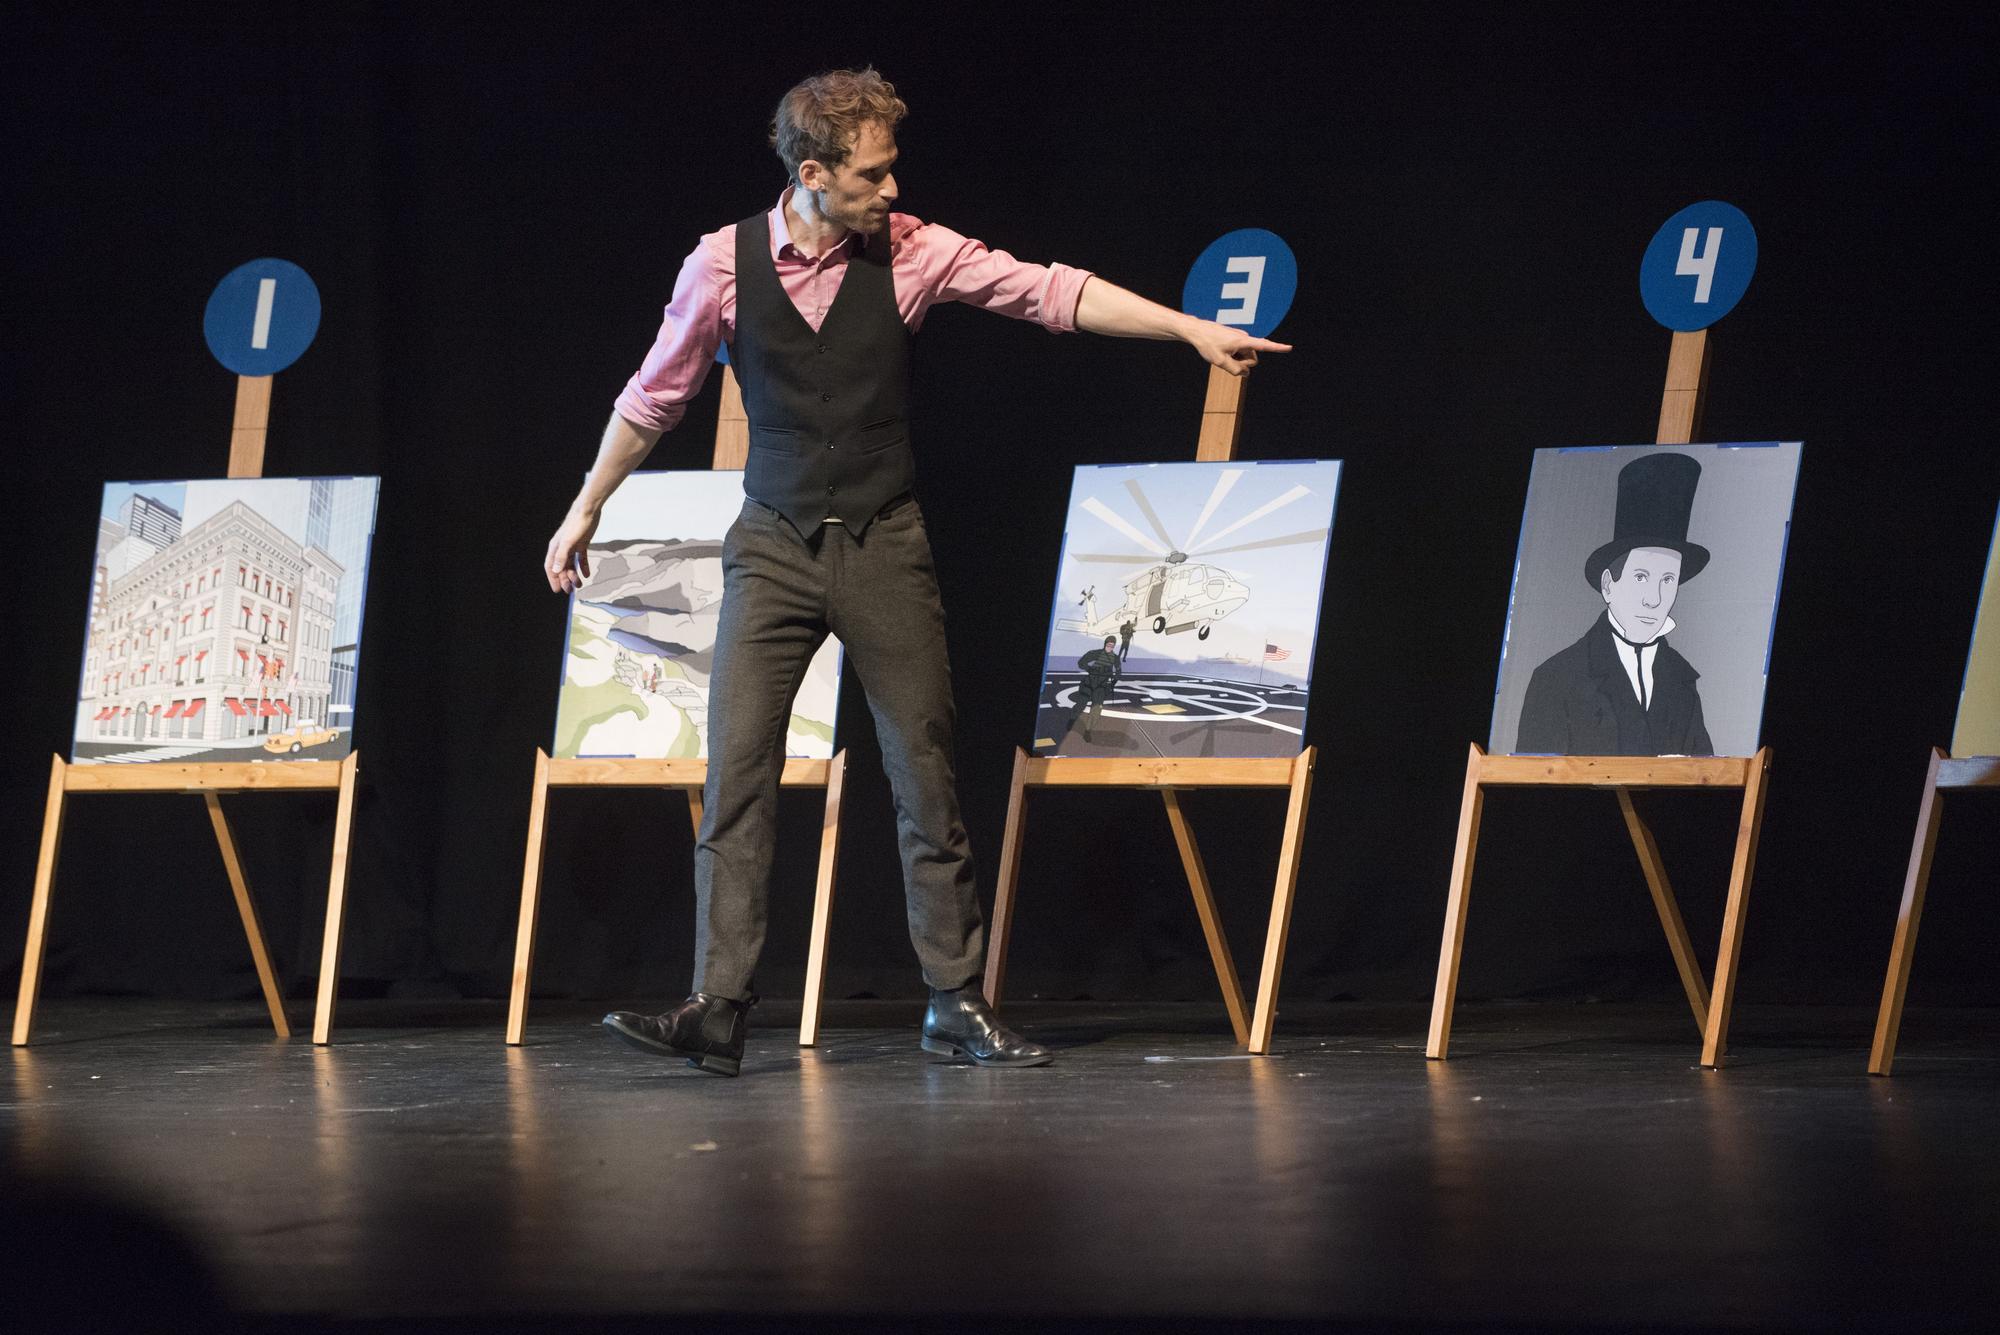 Presentació de l'European Championship of Magic a Manresa